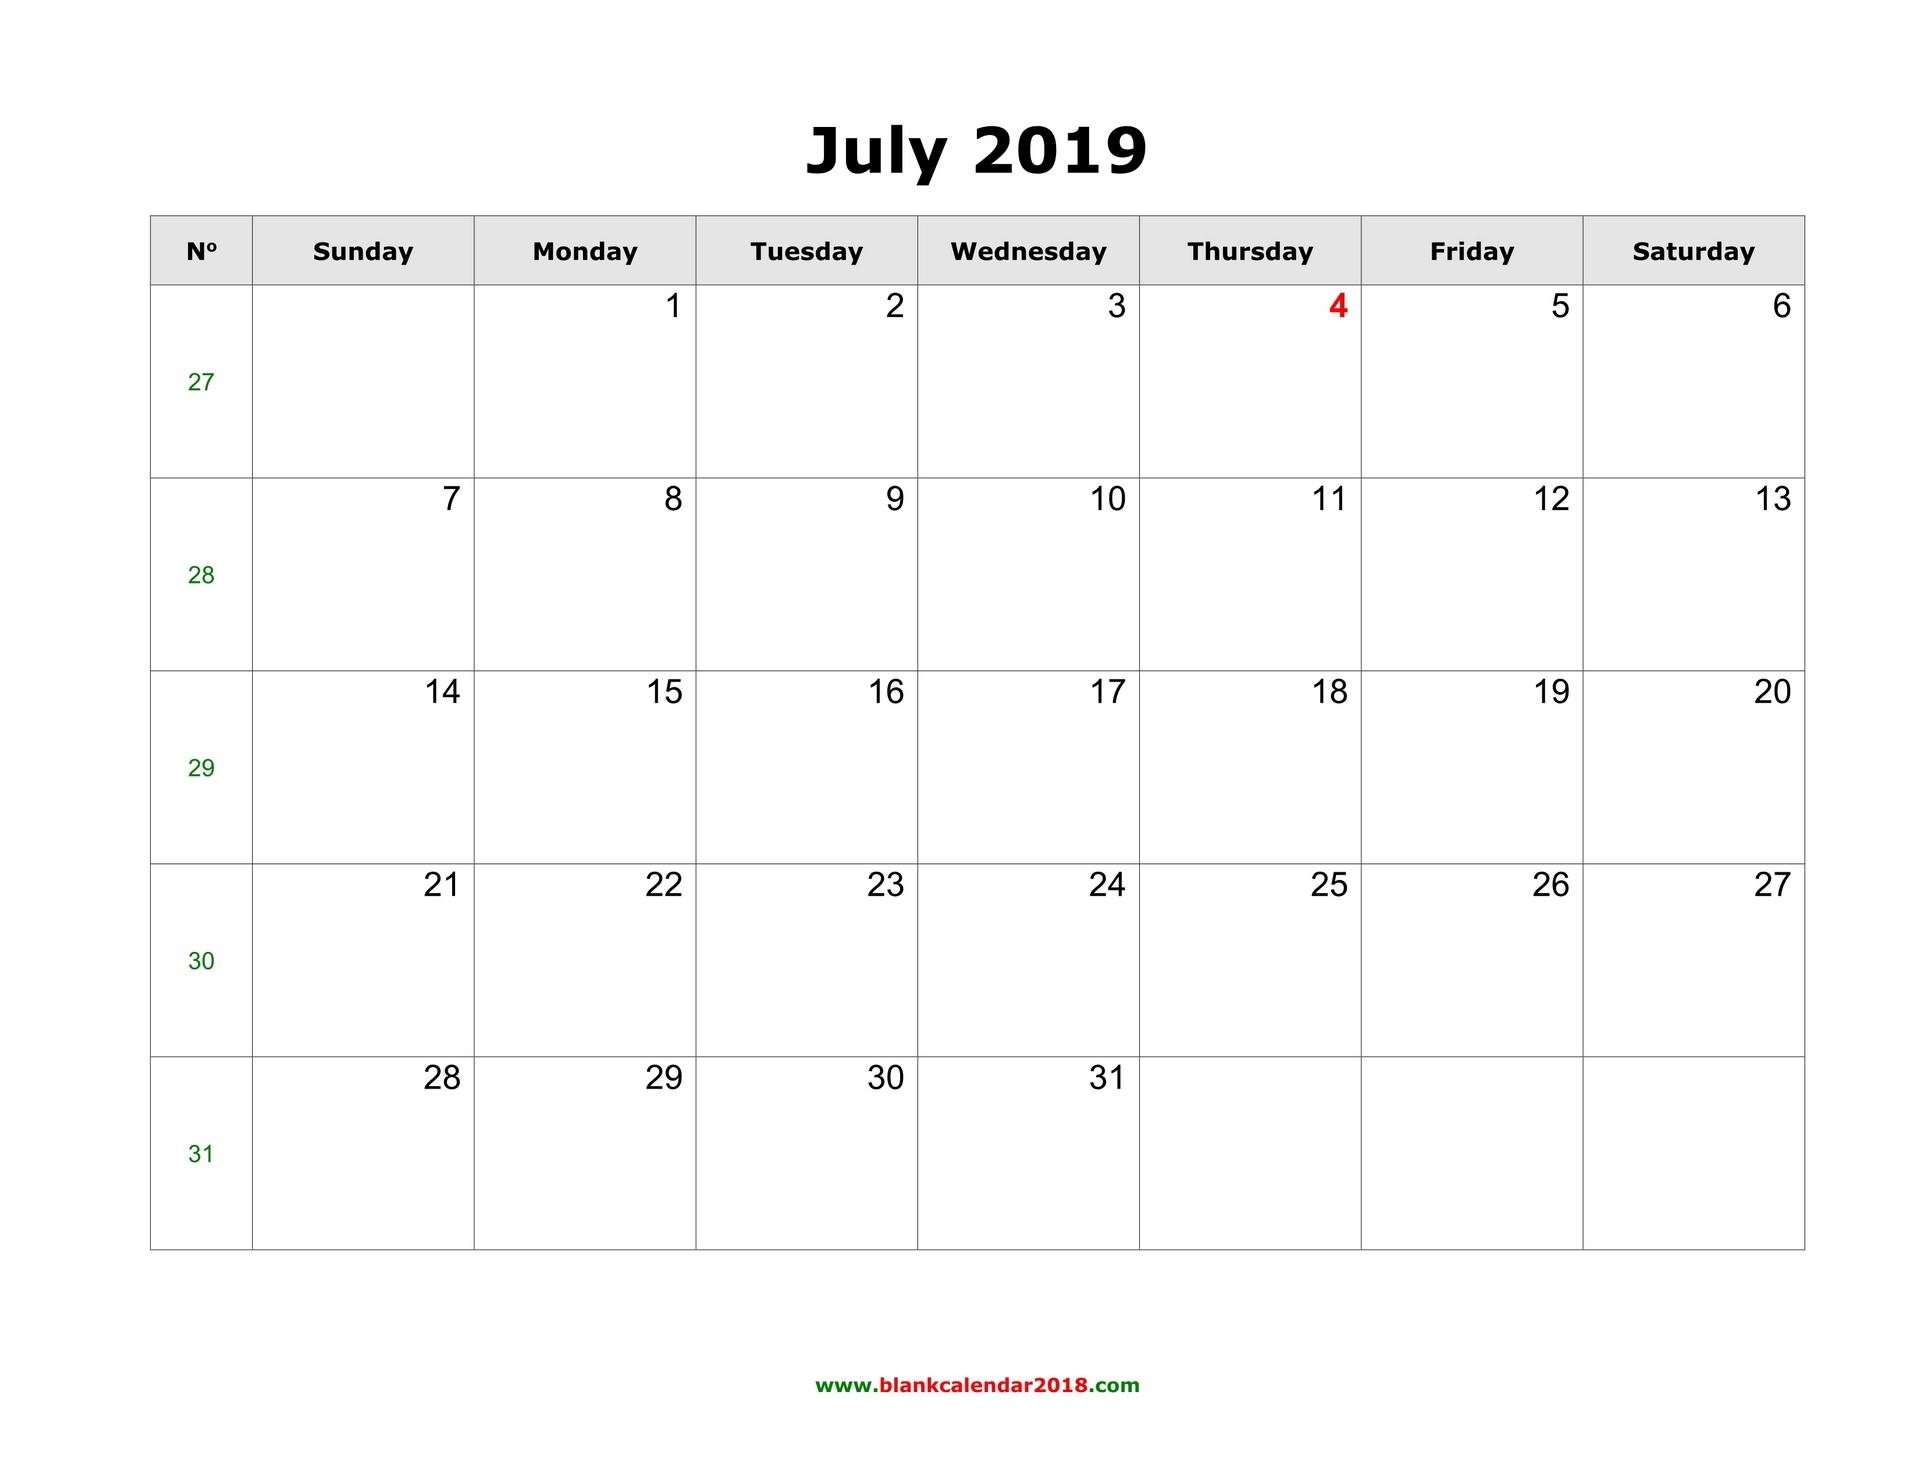 Blank Calendar For July 2019 intended for Free Calendar July 2019-June 2020